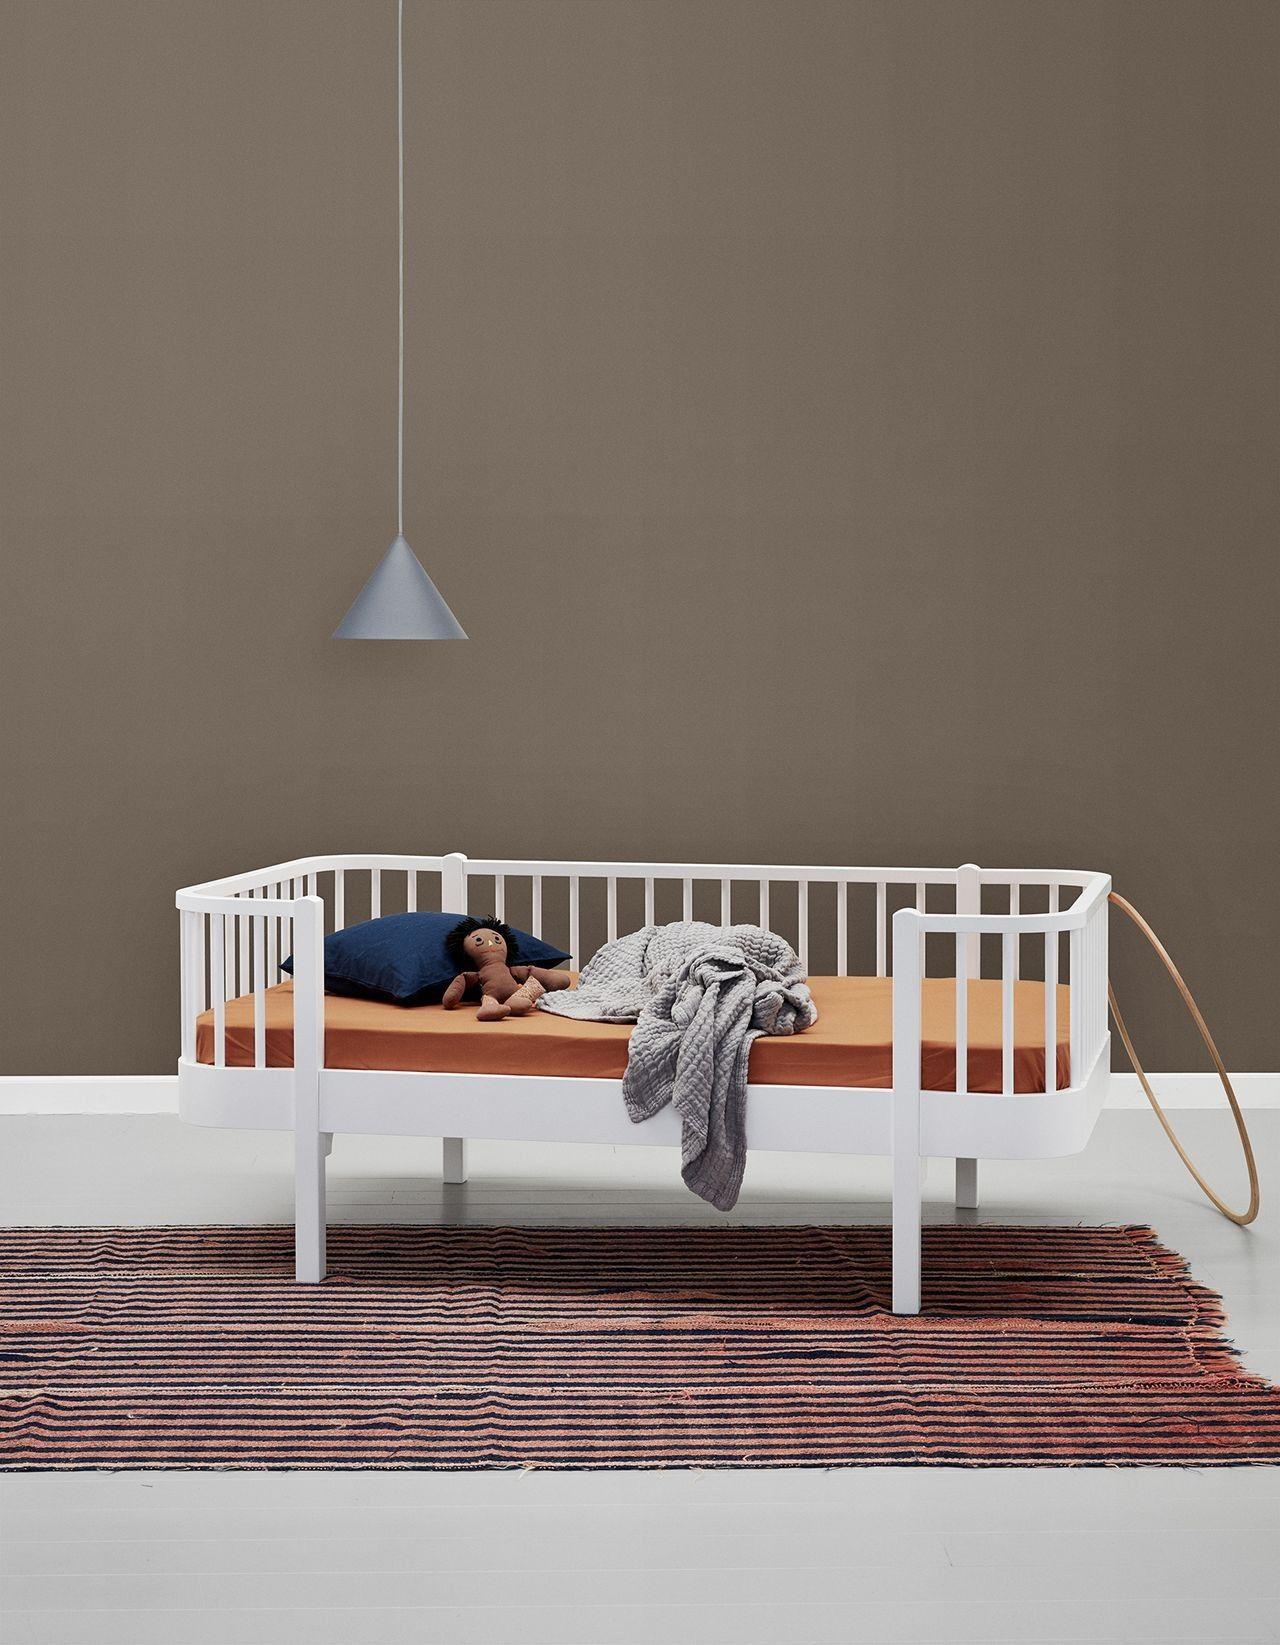 Das Junior Bettsofa Wood Von Oliver Furniture Ist Ein Ideales Bett